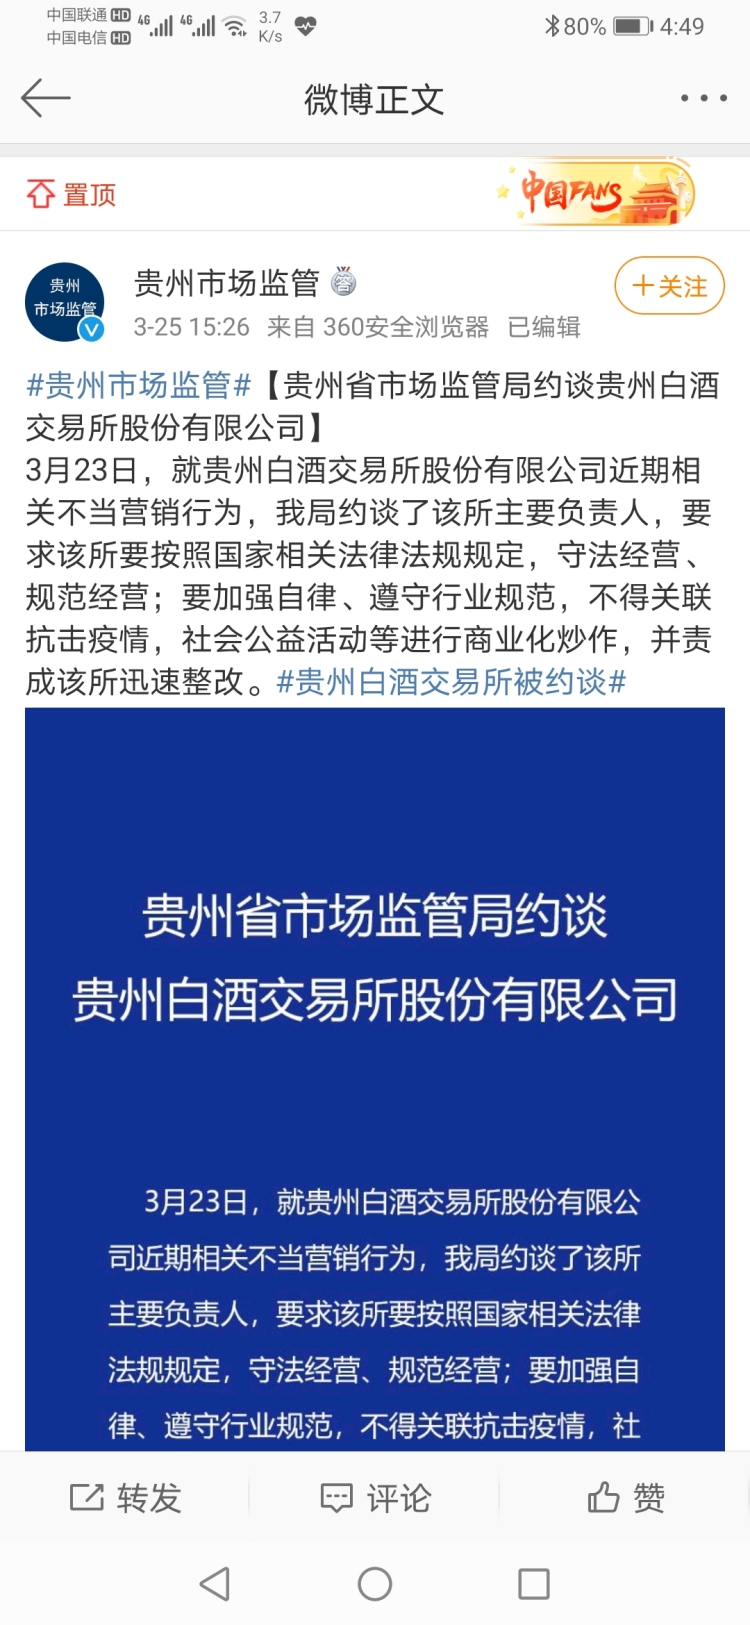 """贵州市场监管局约谈贵州白酒交易所,""""1499元购茅台""""活动被指炒作"""